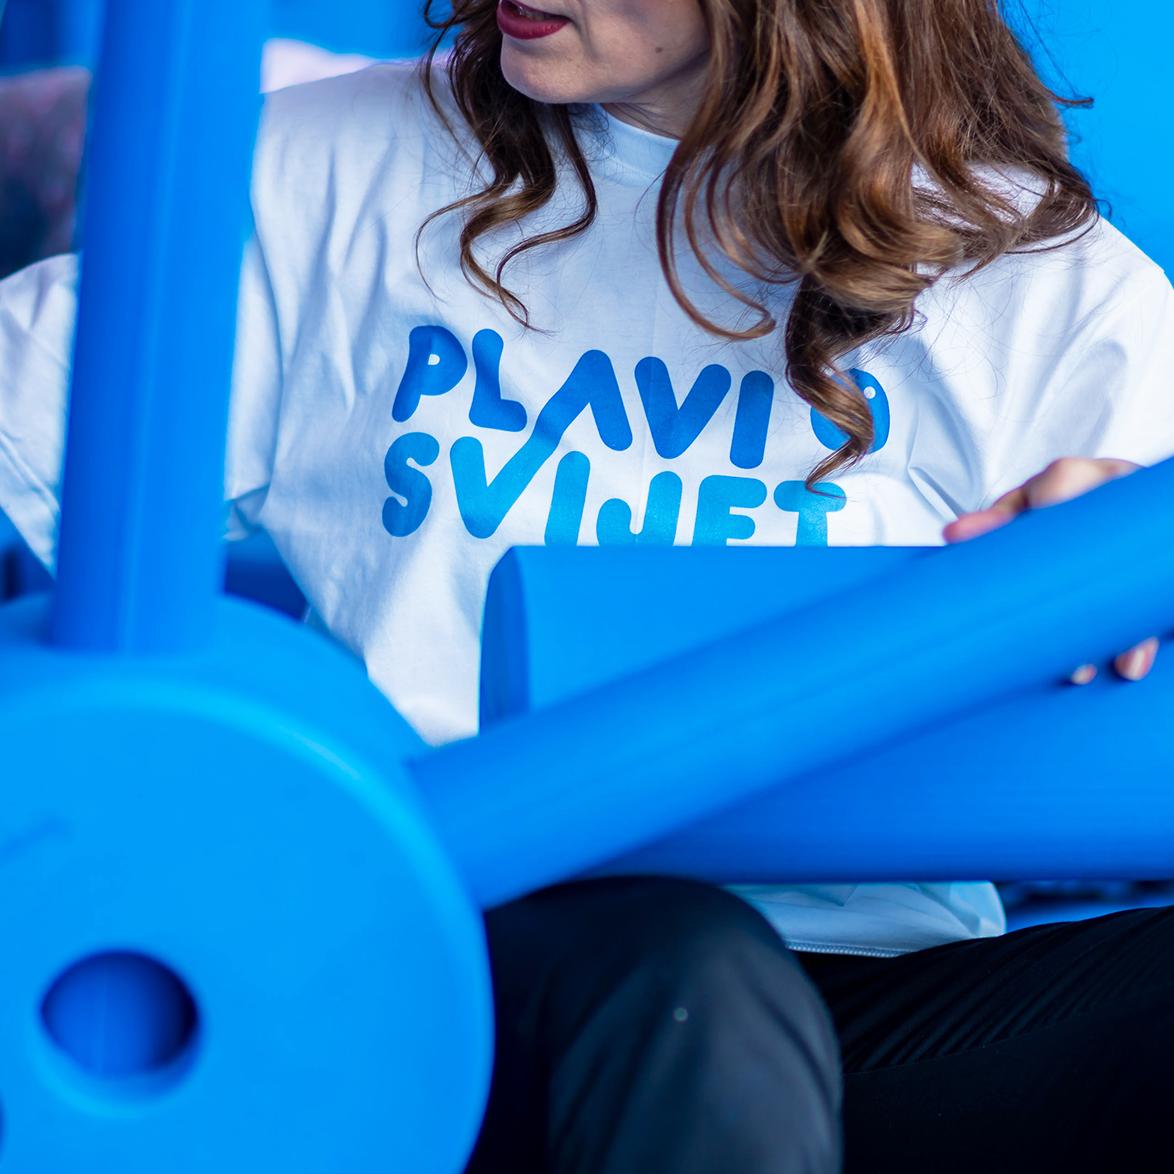 plavi-svijet-za-team-building